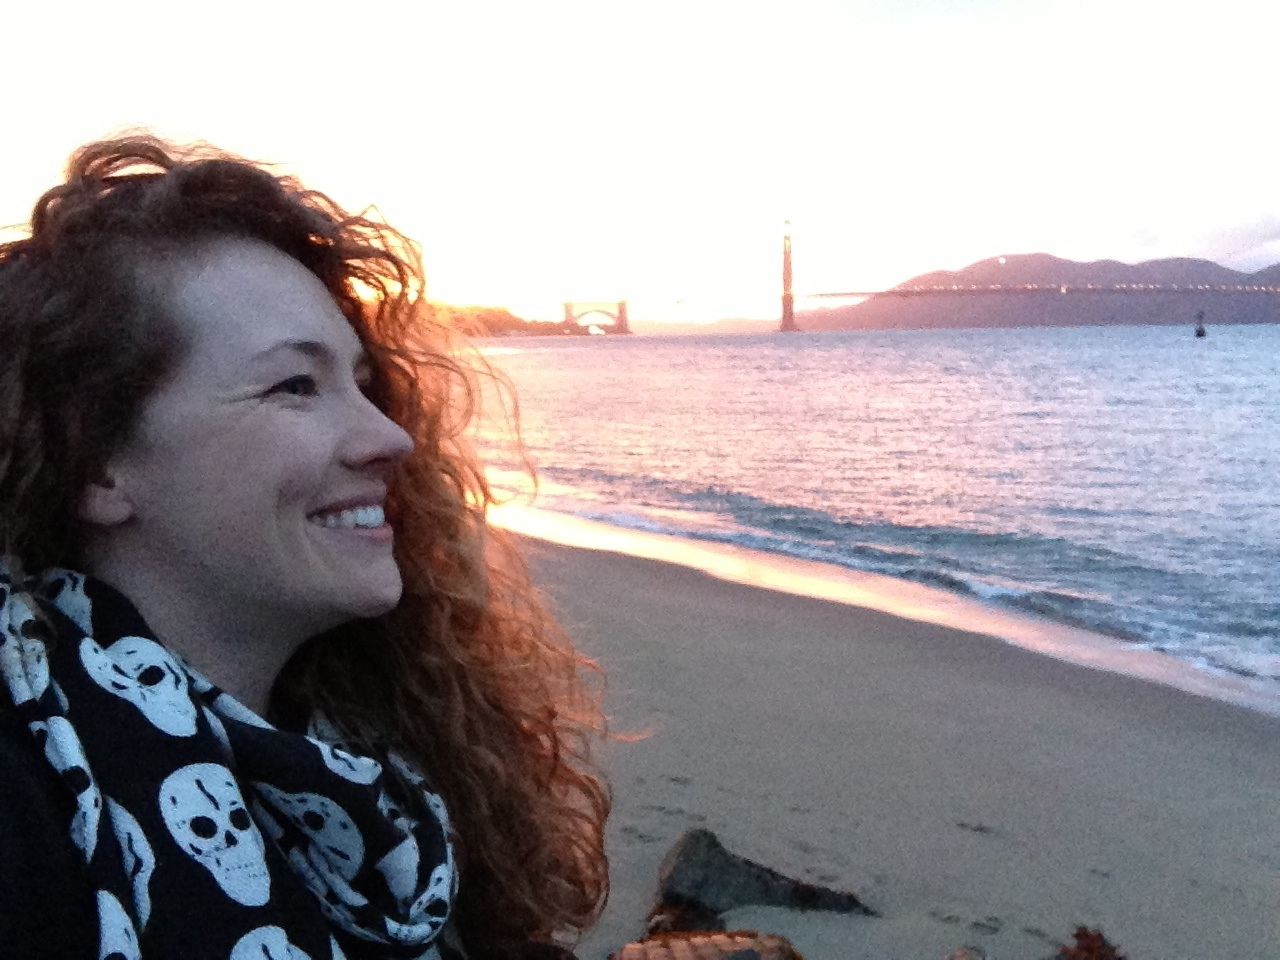 Krissy Freeman